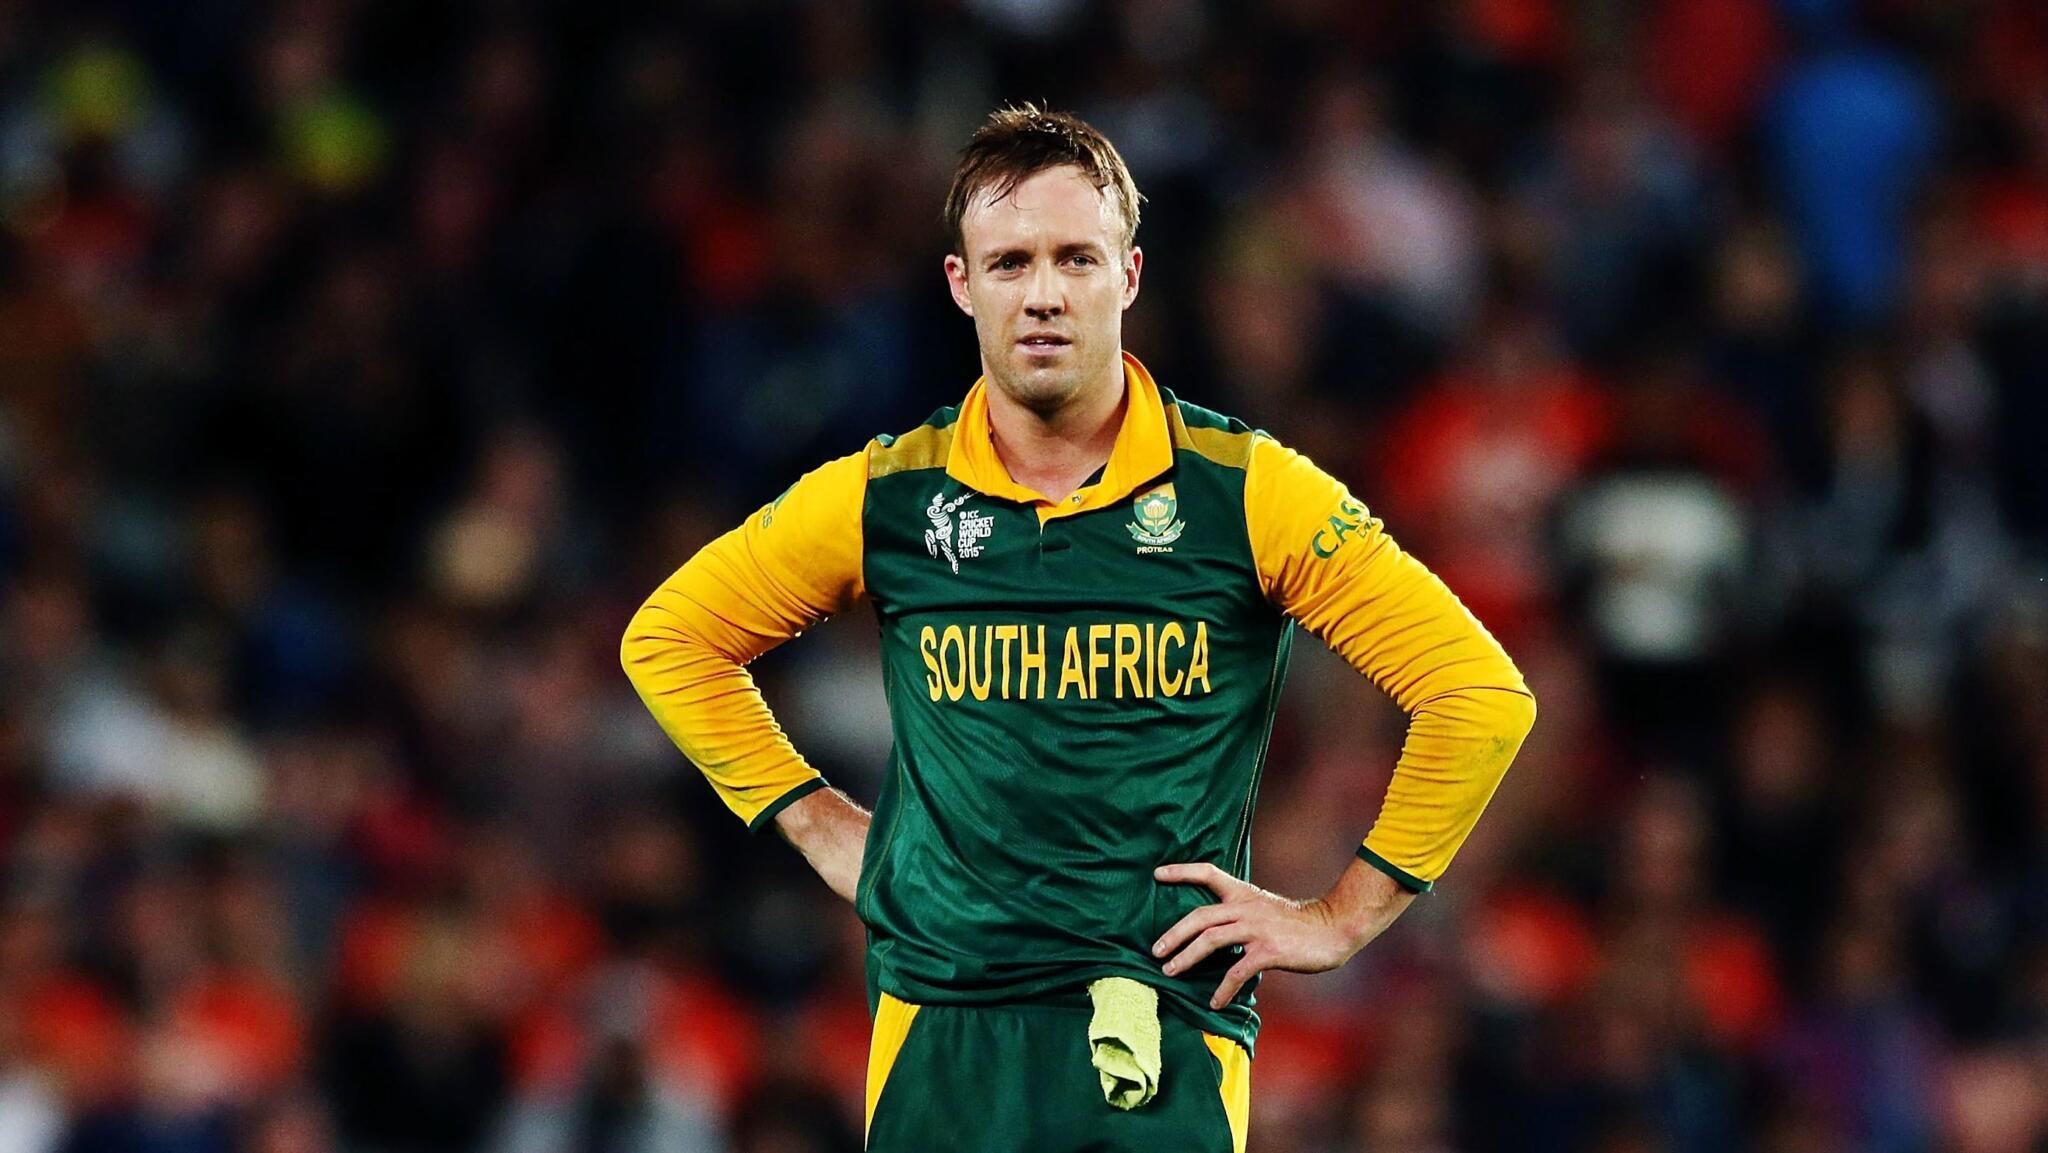 अंतरराष्ट्रीय क्रिकेट में वापसी कर सकते है एबी डीविलियर्स? हेड कोच मार्क बाउचर ने दिया बड़ा बयान 8